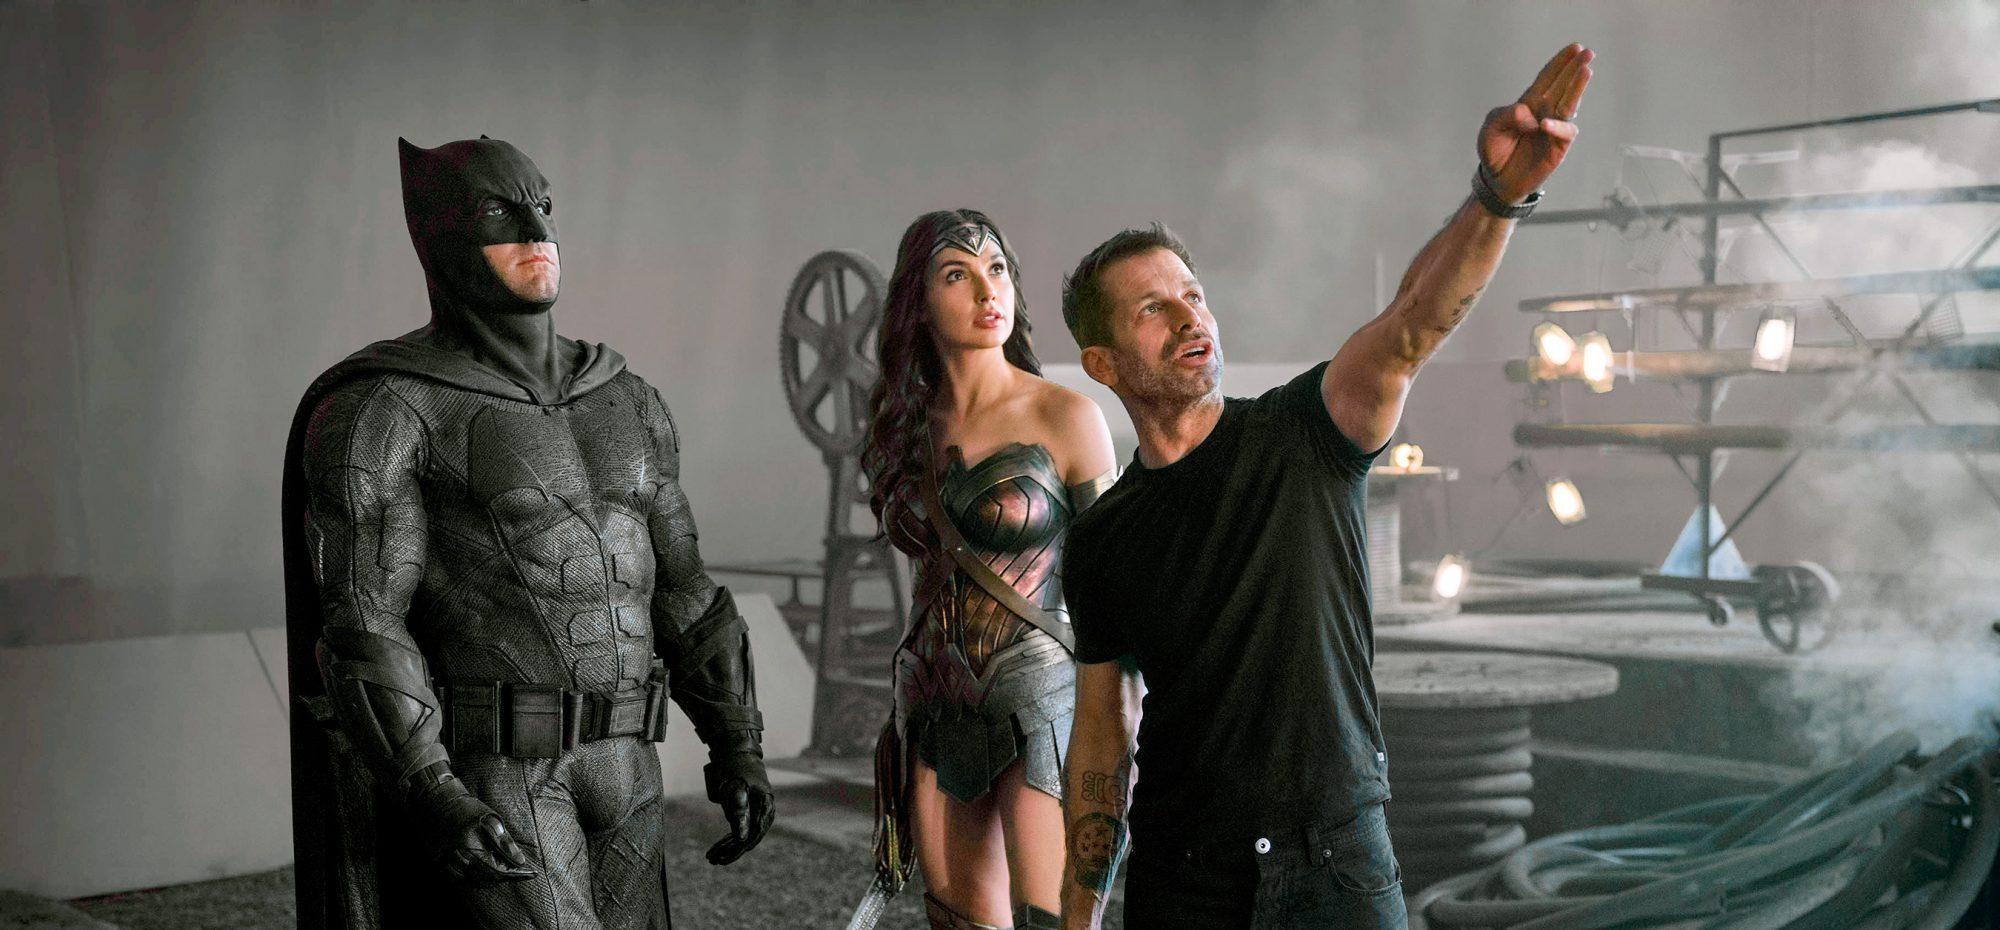 Zack Snyder không nhận được 1 đồng nào từ bản Justice League của mình: Làm  vì đam mê là chính chứ tiền bạc gì